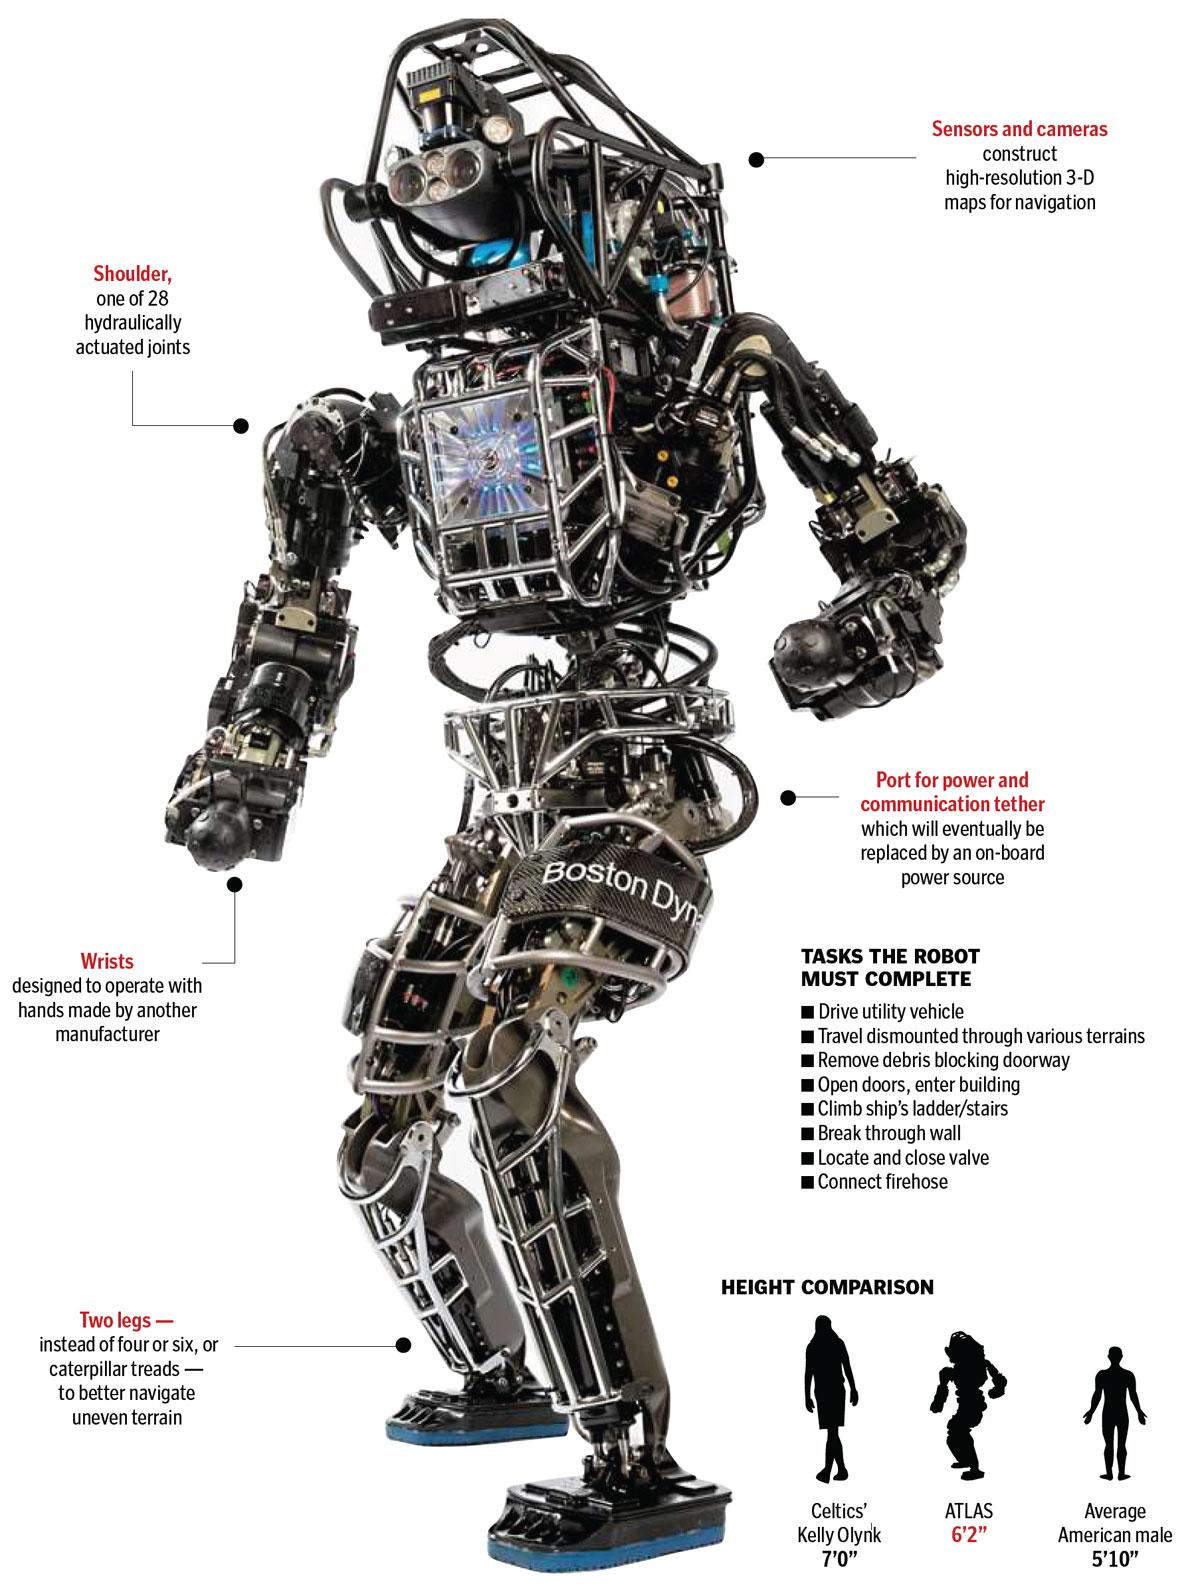 Risultati immagini per robot Atlas immagine?